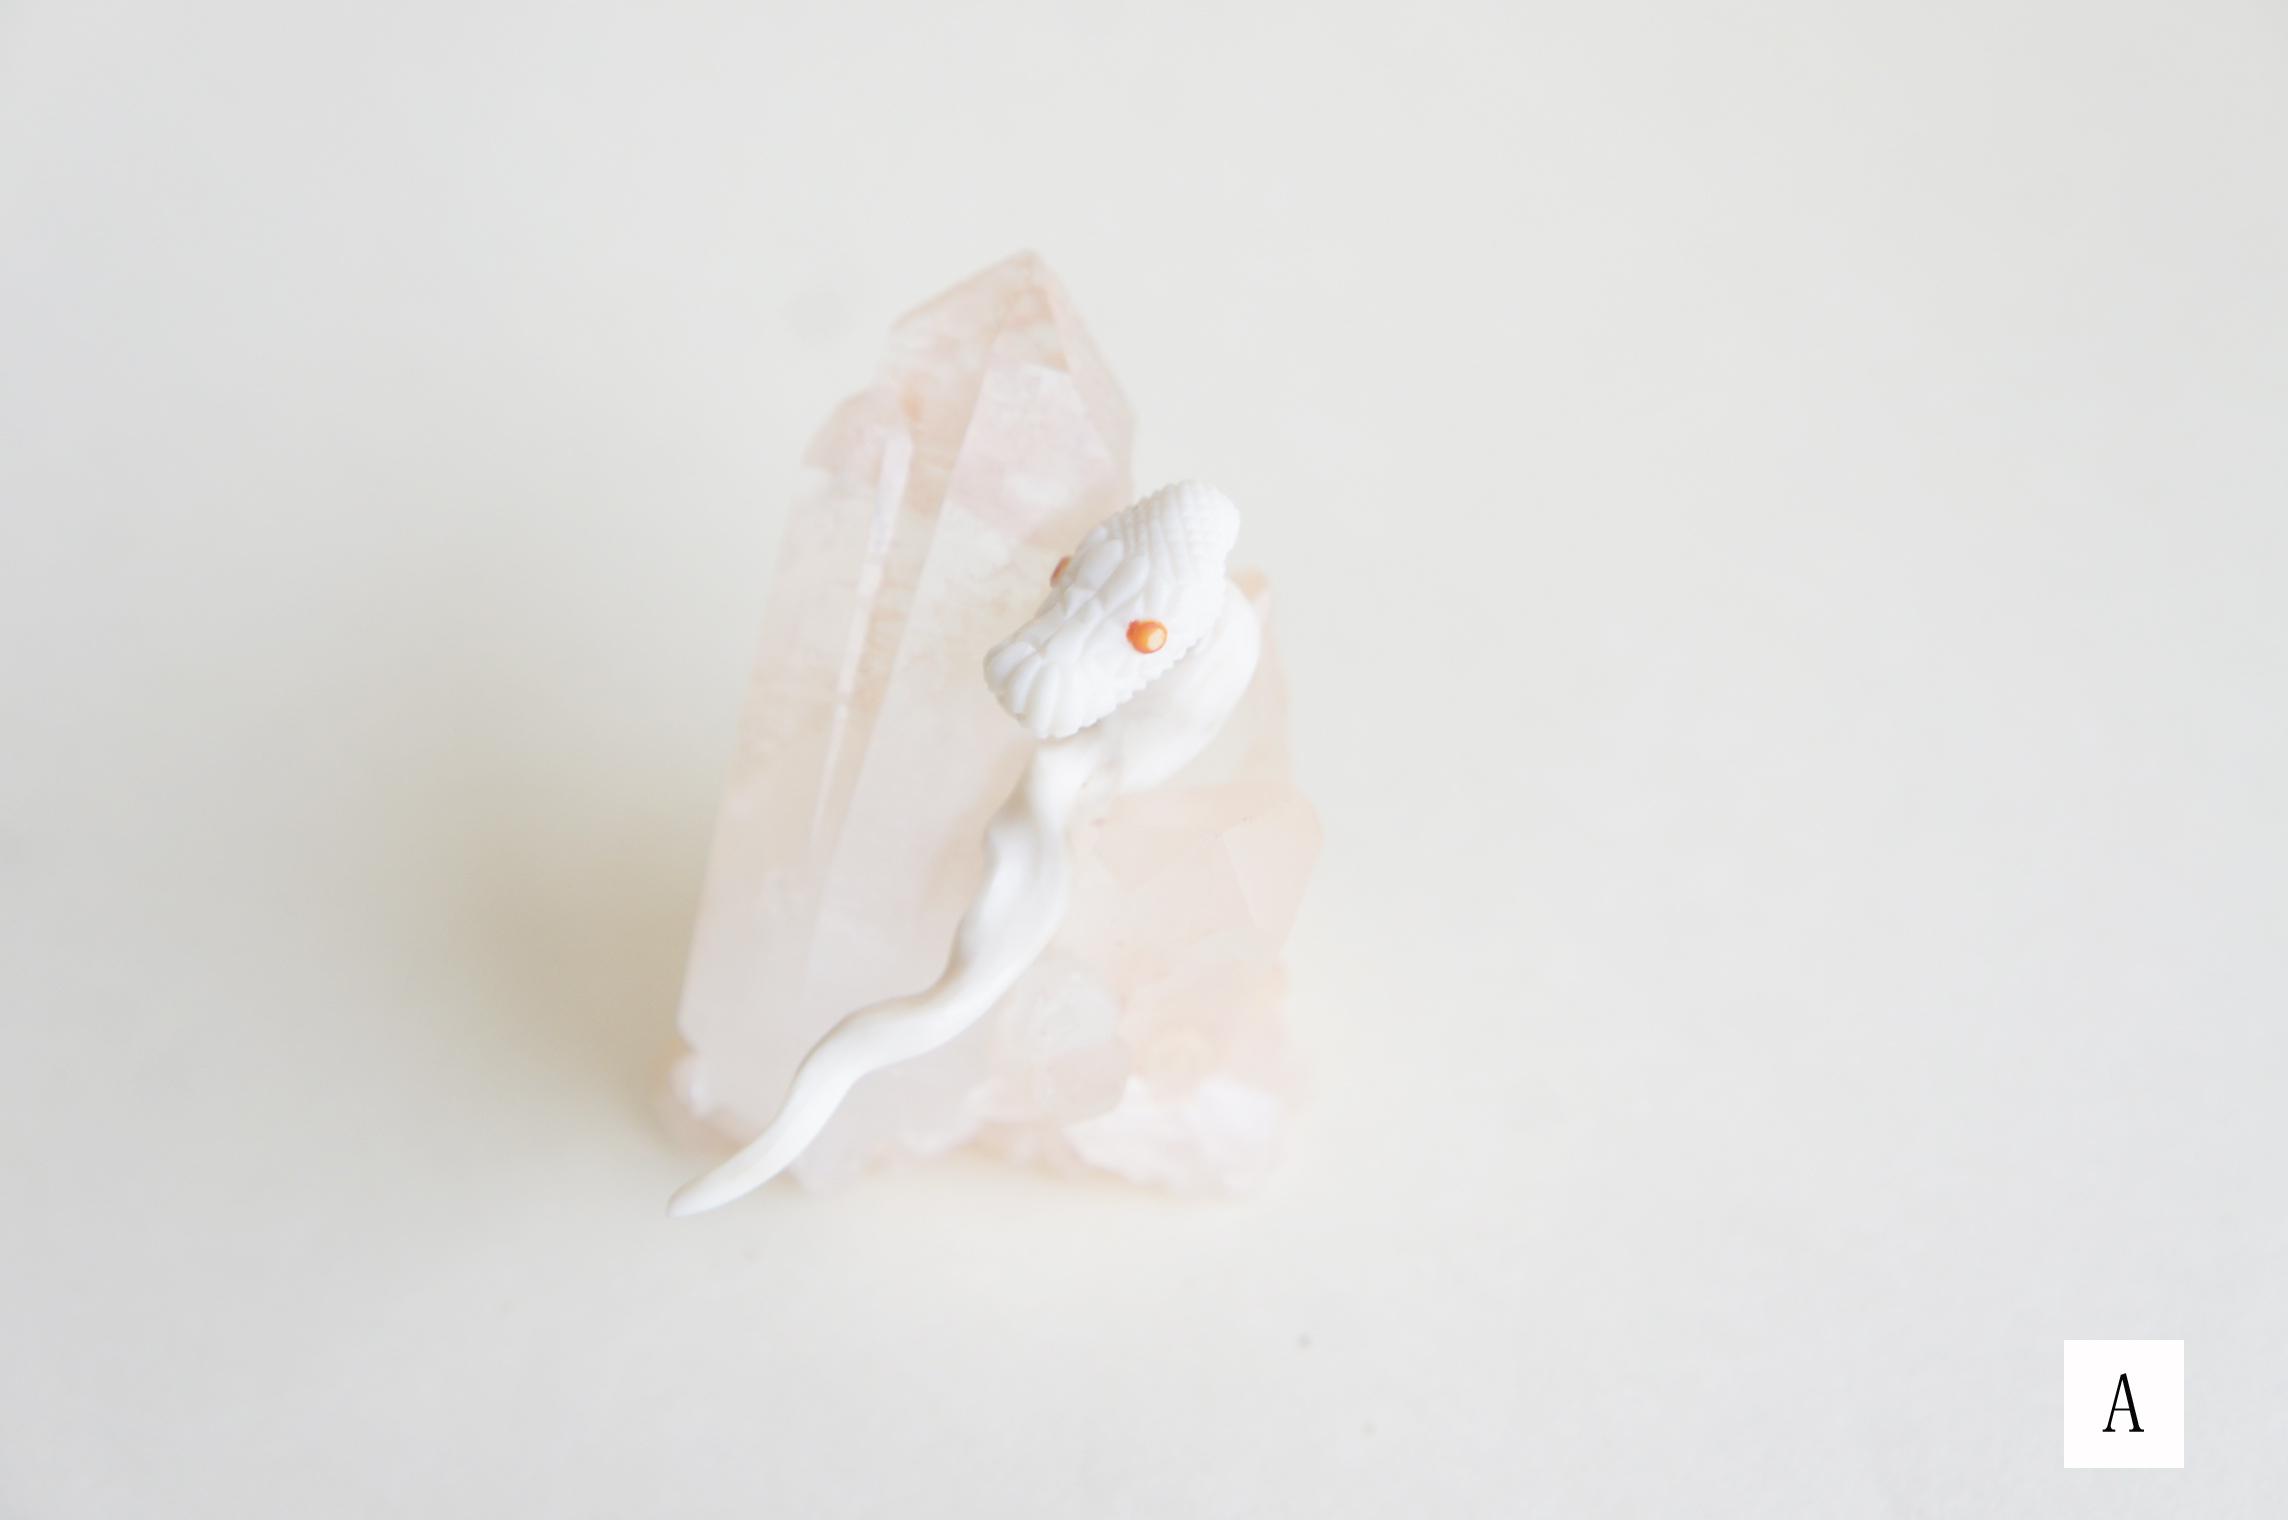 鹿角彫刻のピアス(蛇・尻尾キャッチ付き)